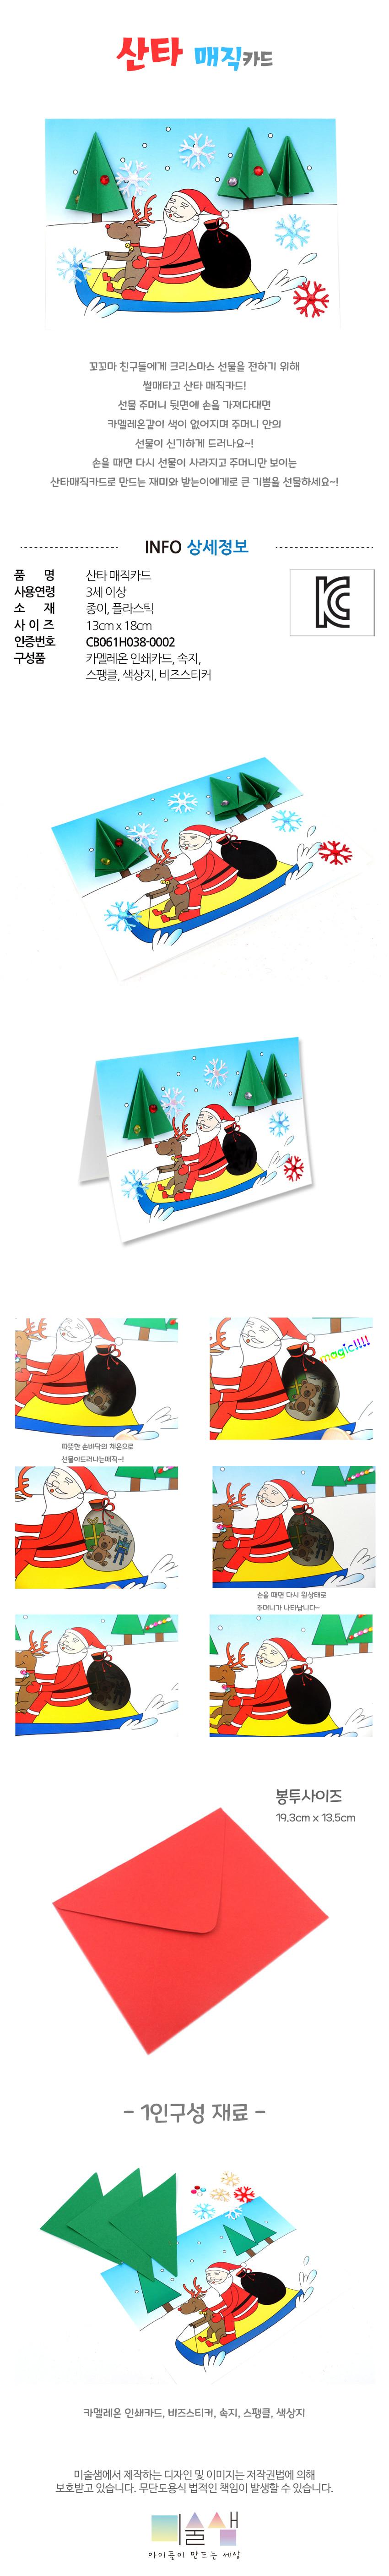 산타매직카드 5인용_카드+봉투 - 미술샘, 8,000원, 종이공예/북아트, 카드 패키지